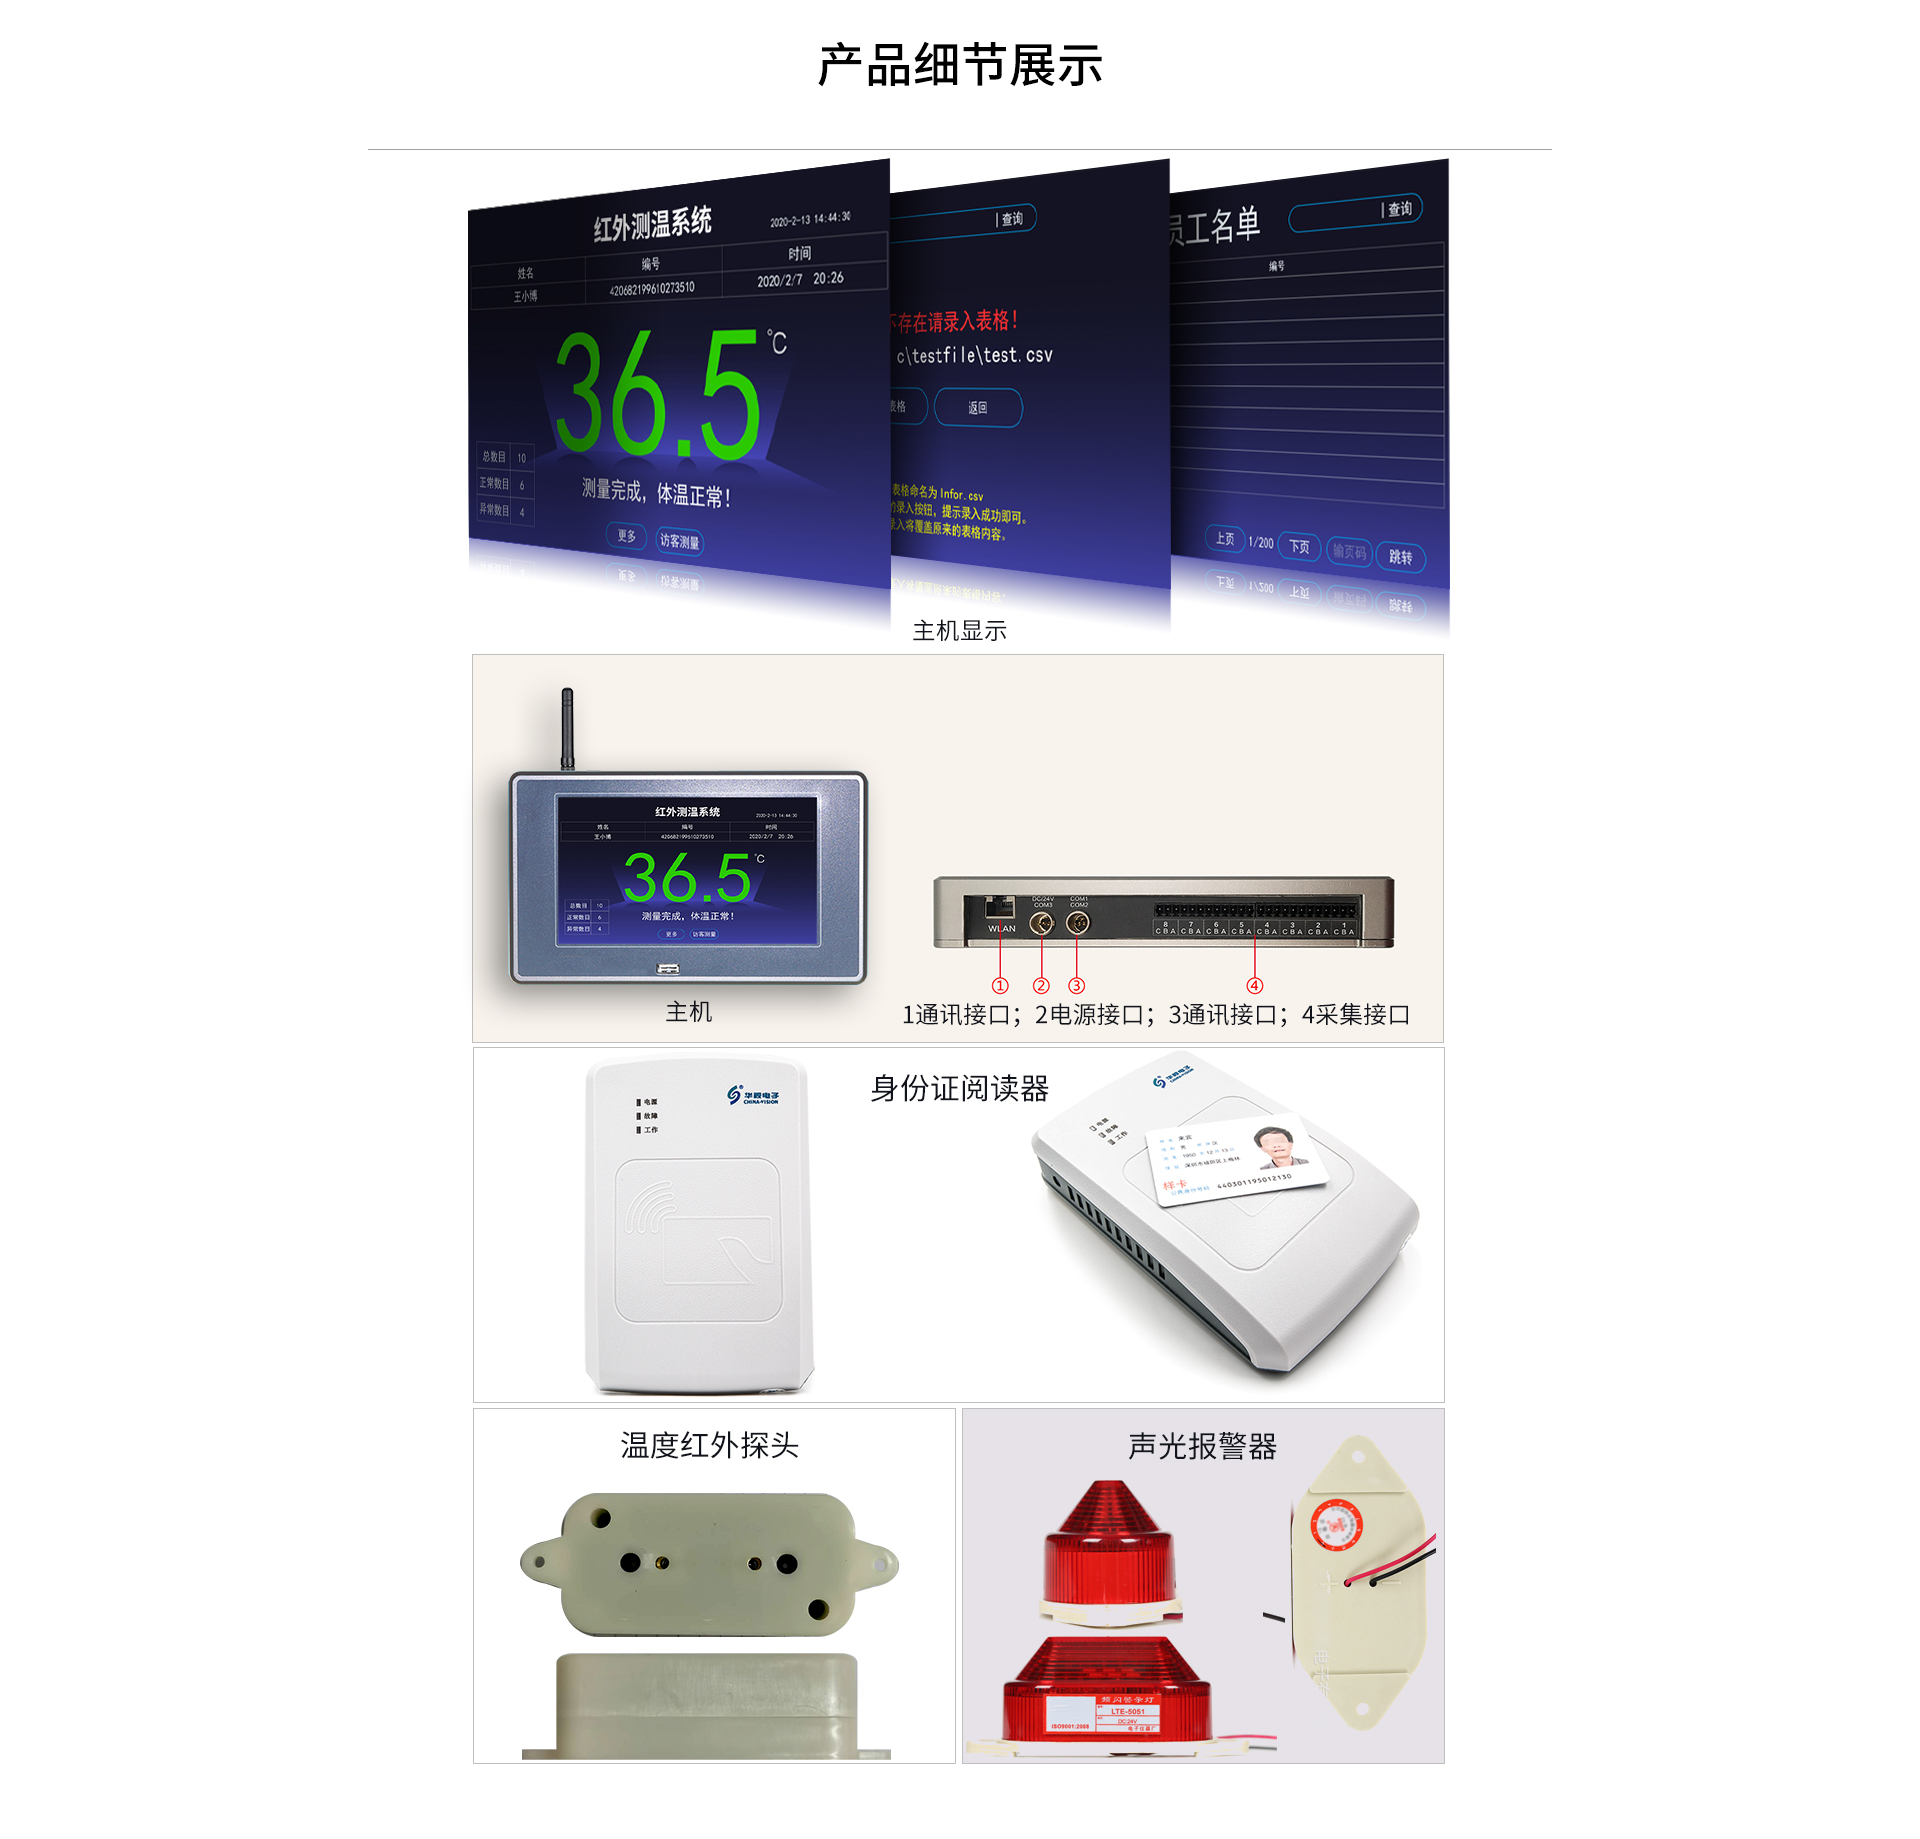 红外温度传感器